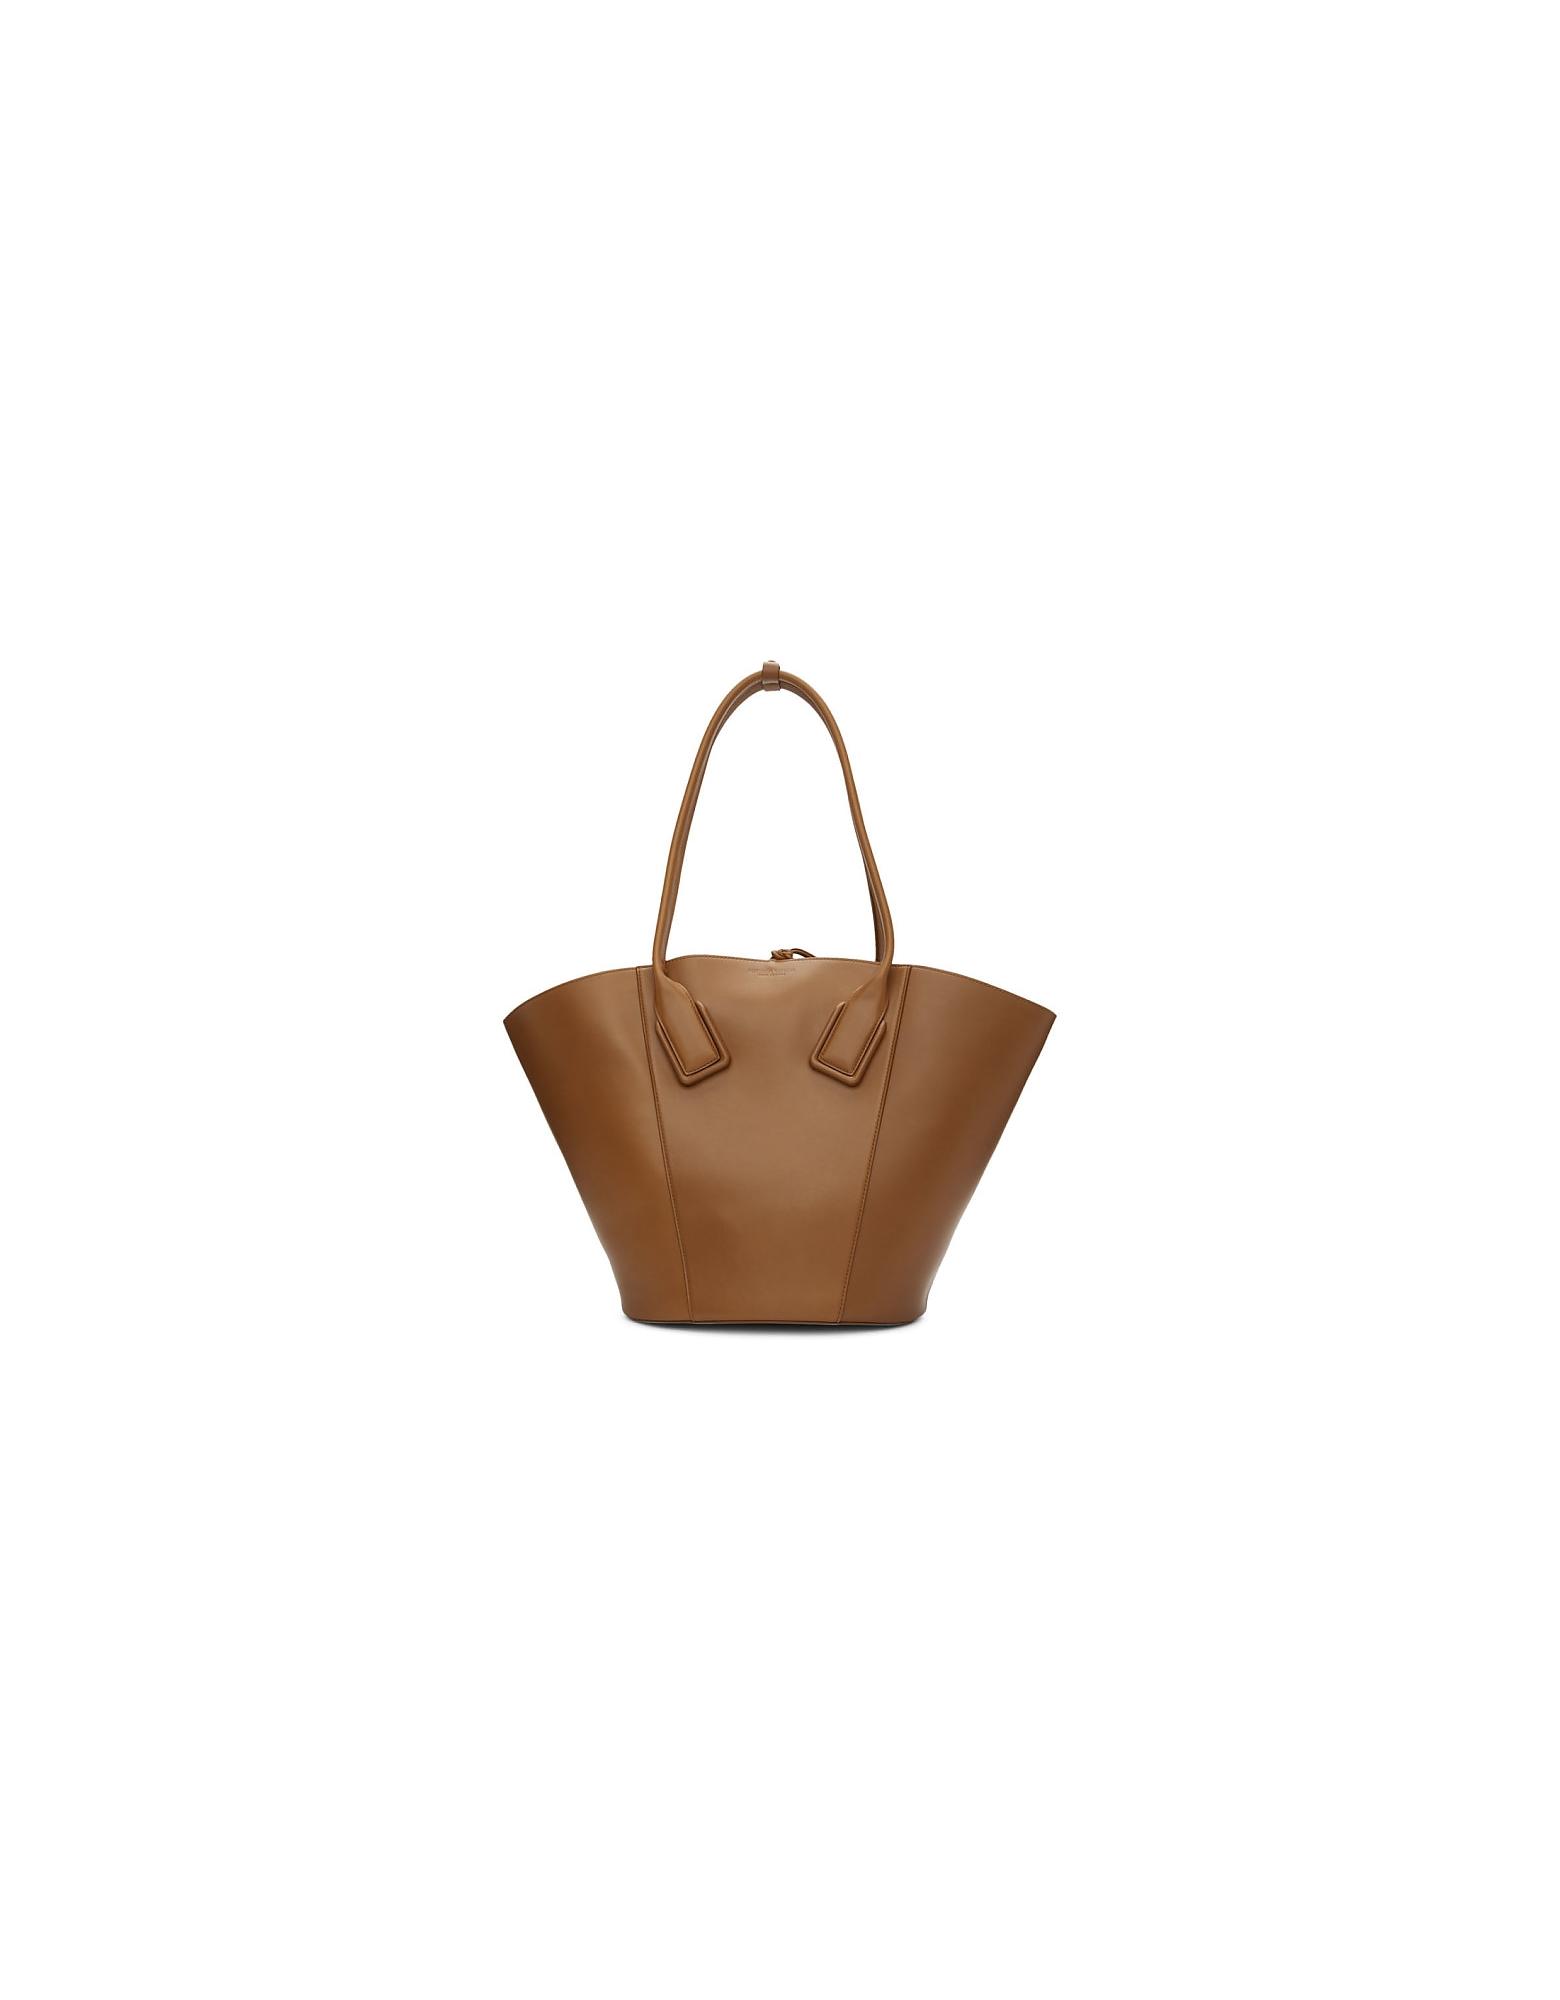 Bottega Veneta Designer Handbags, Brown Medium Basket Tote